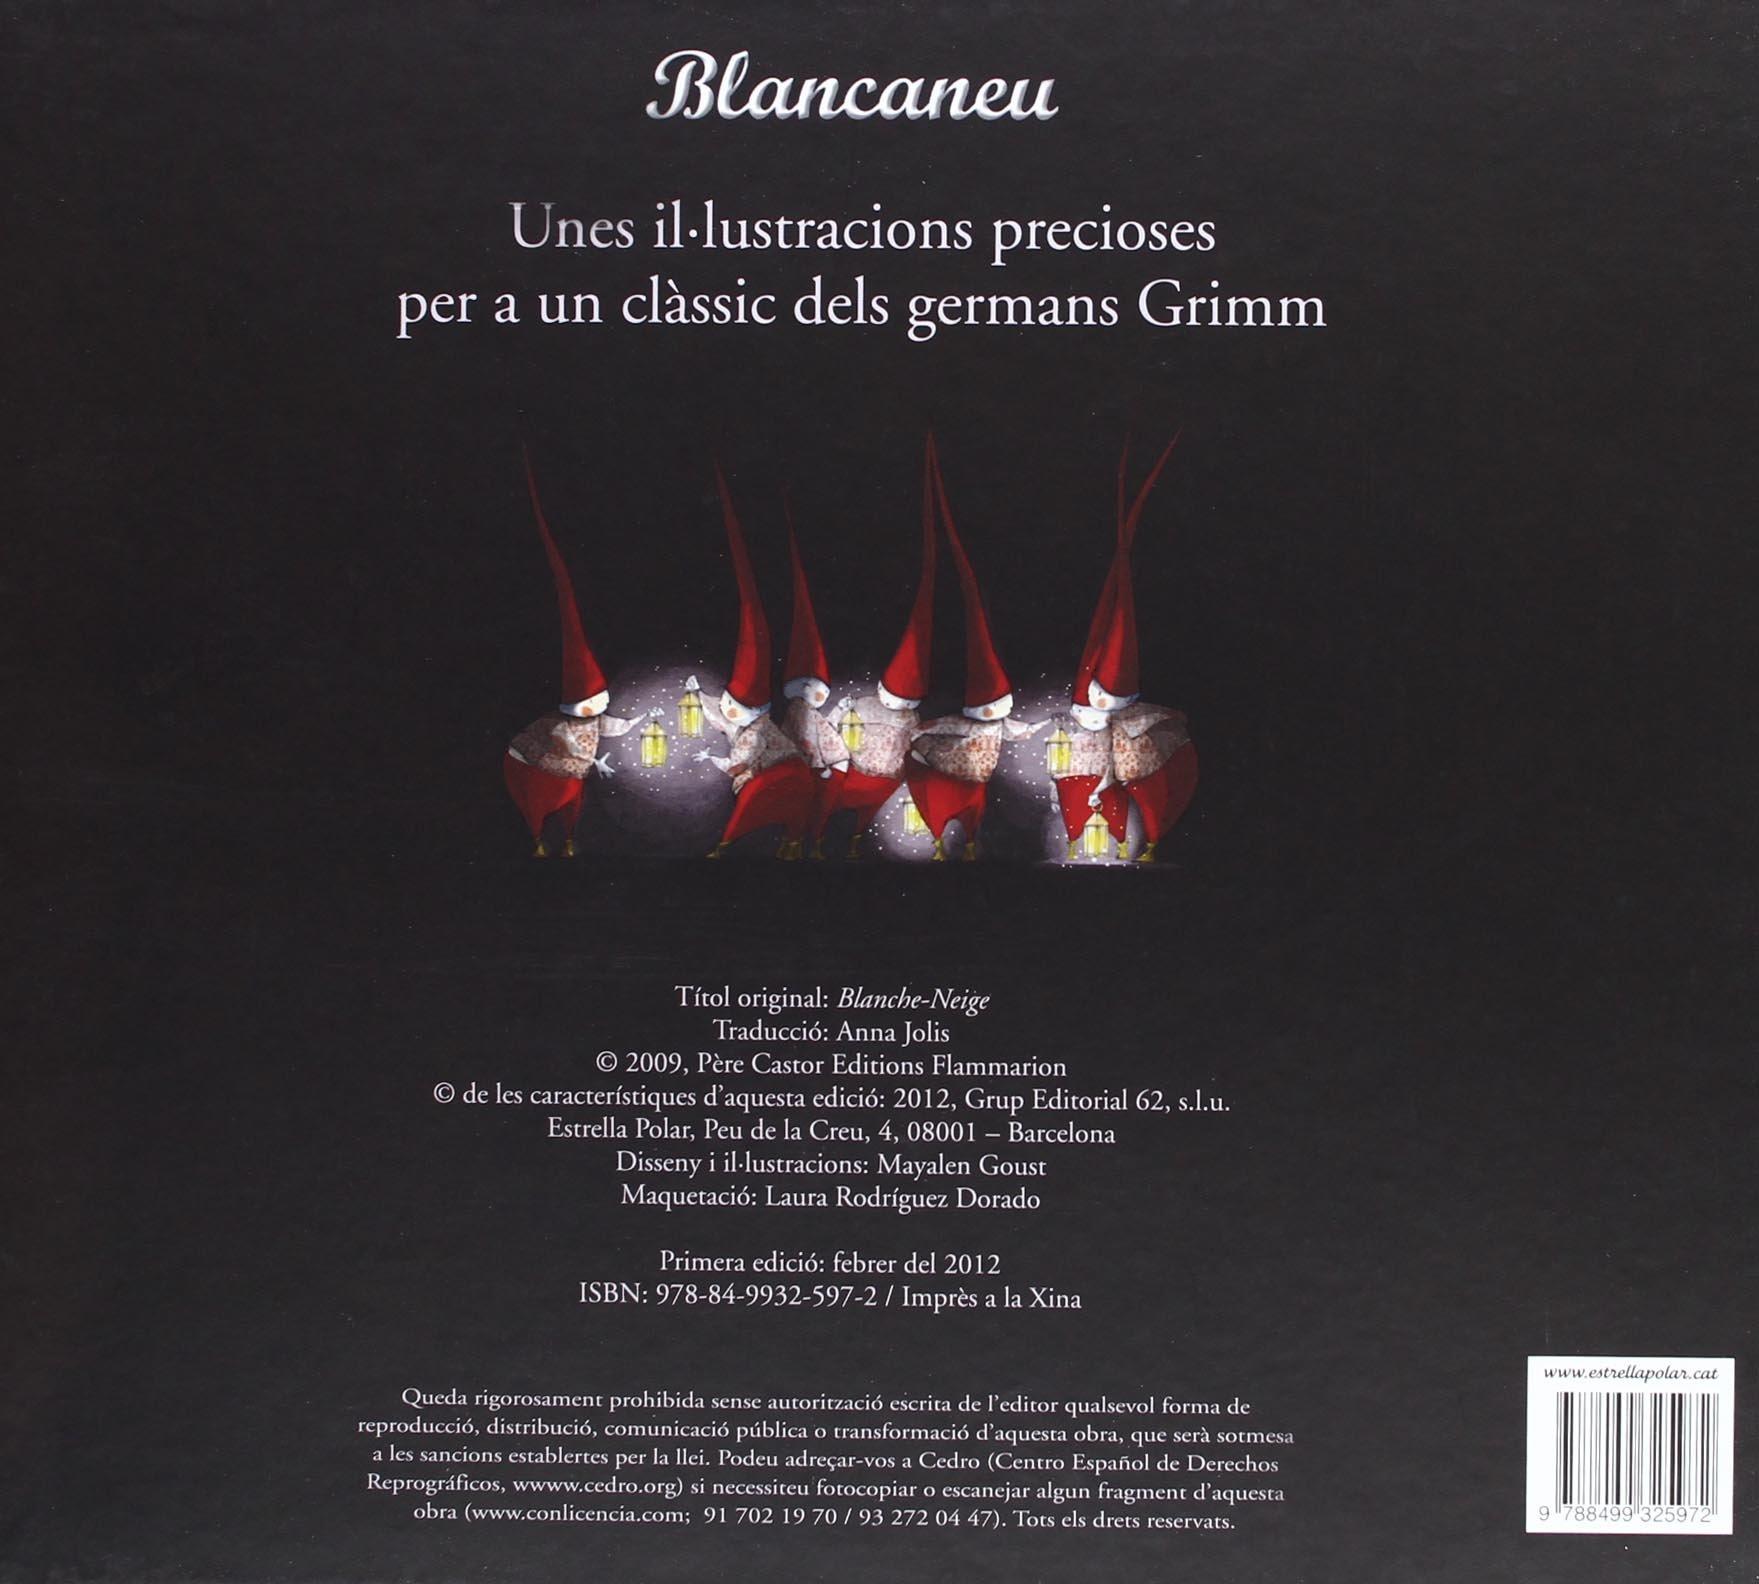 Blancaneu - il·lustrat: Unes il.lustracions precioses per a un clàssic dels germans Grimm La Lluna de Paper: Amazon.es: Mayalen Goust, Anna Jolis Olivé: ...